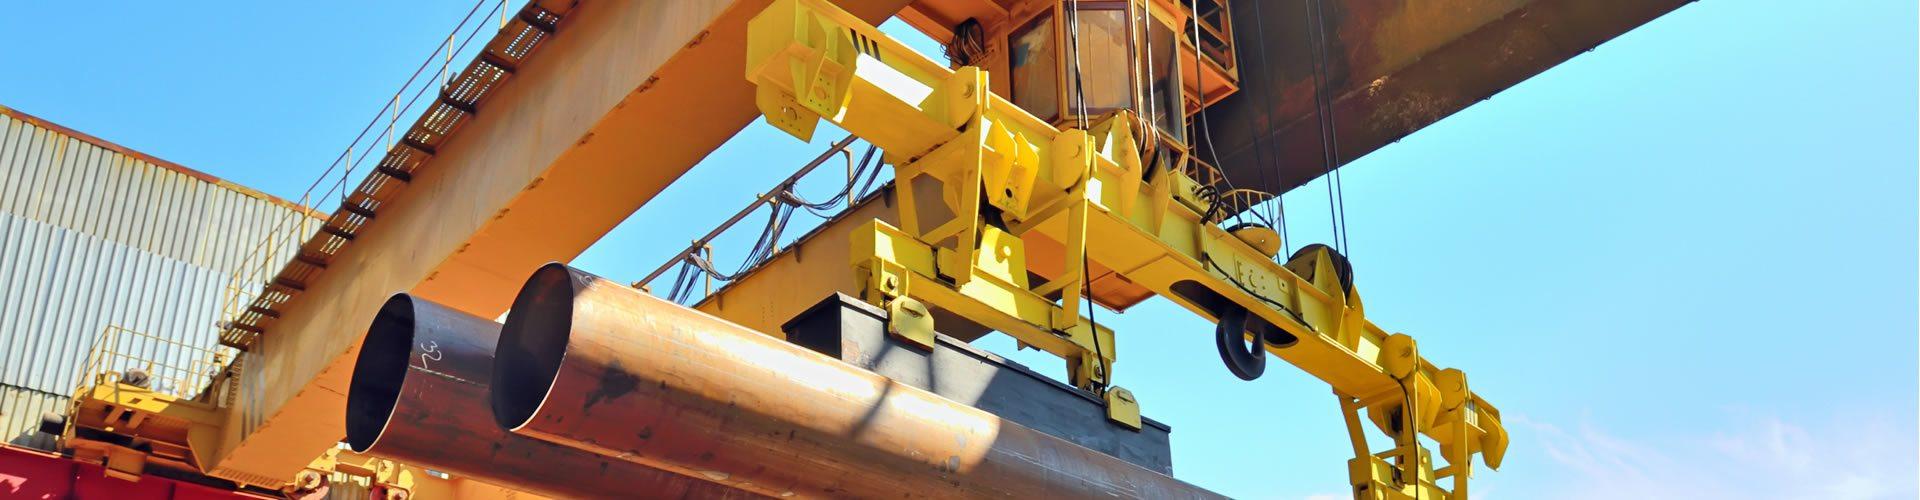 Control Crane Manutenção